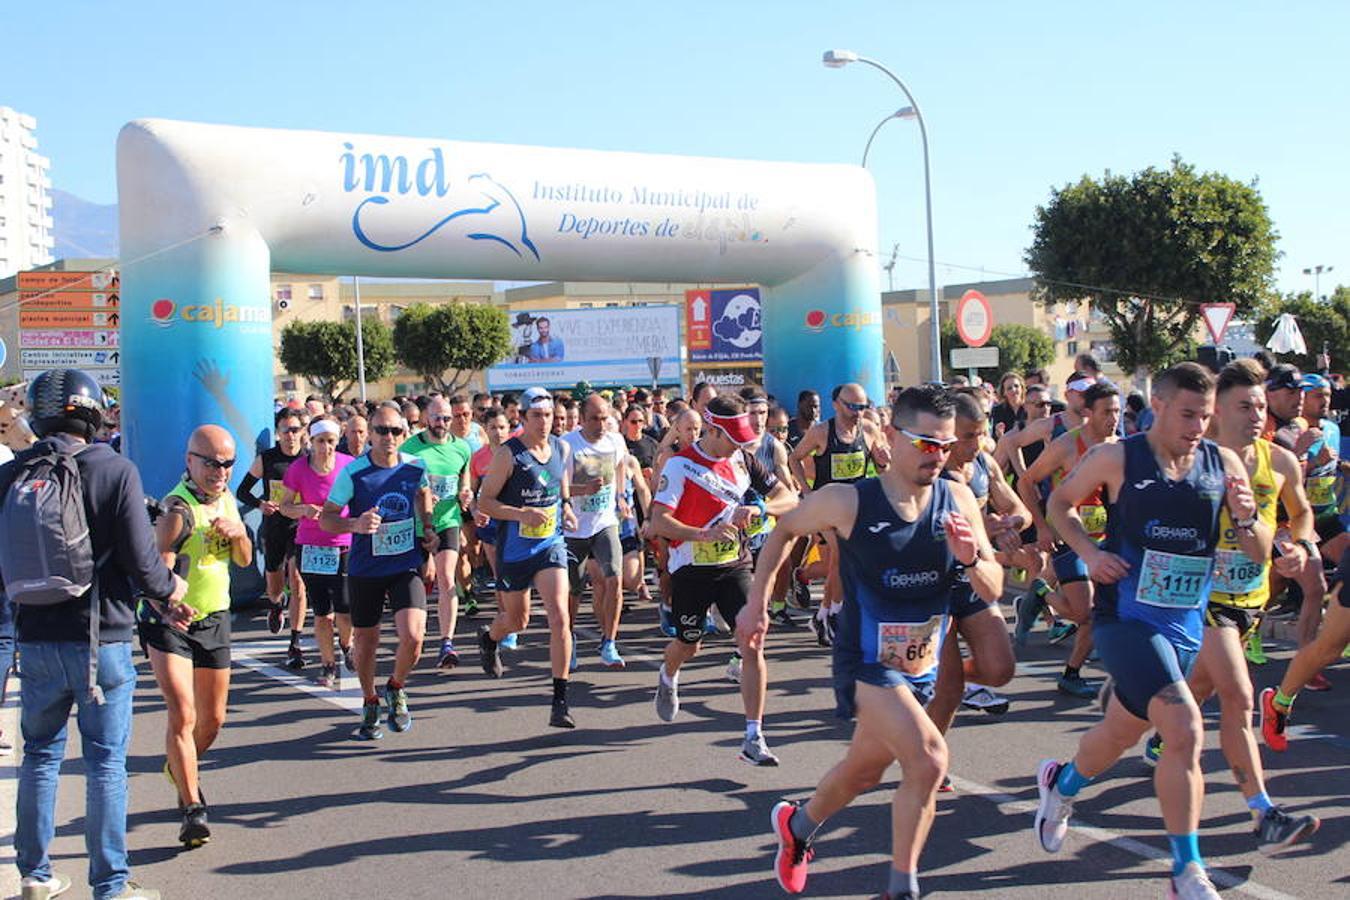 Más de medio millar de runners participan en la Media Maratón Ciudad de las Hortalizas